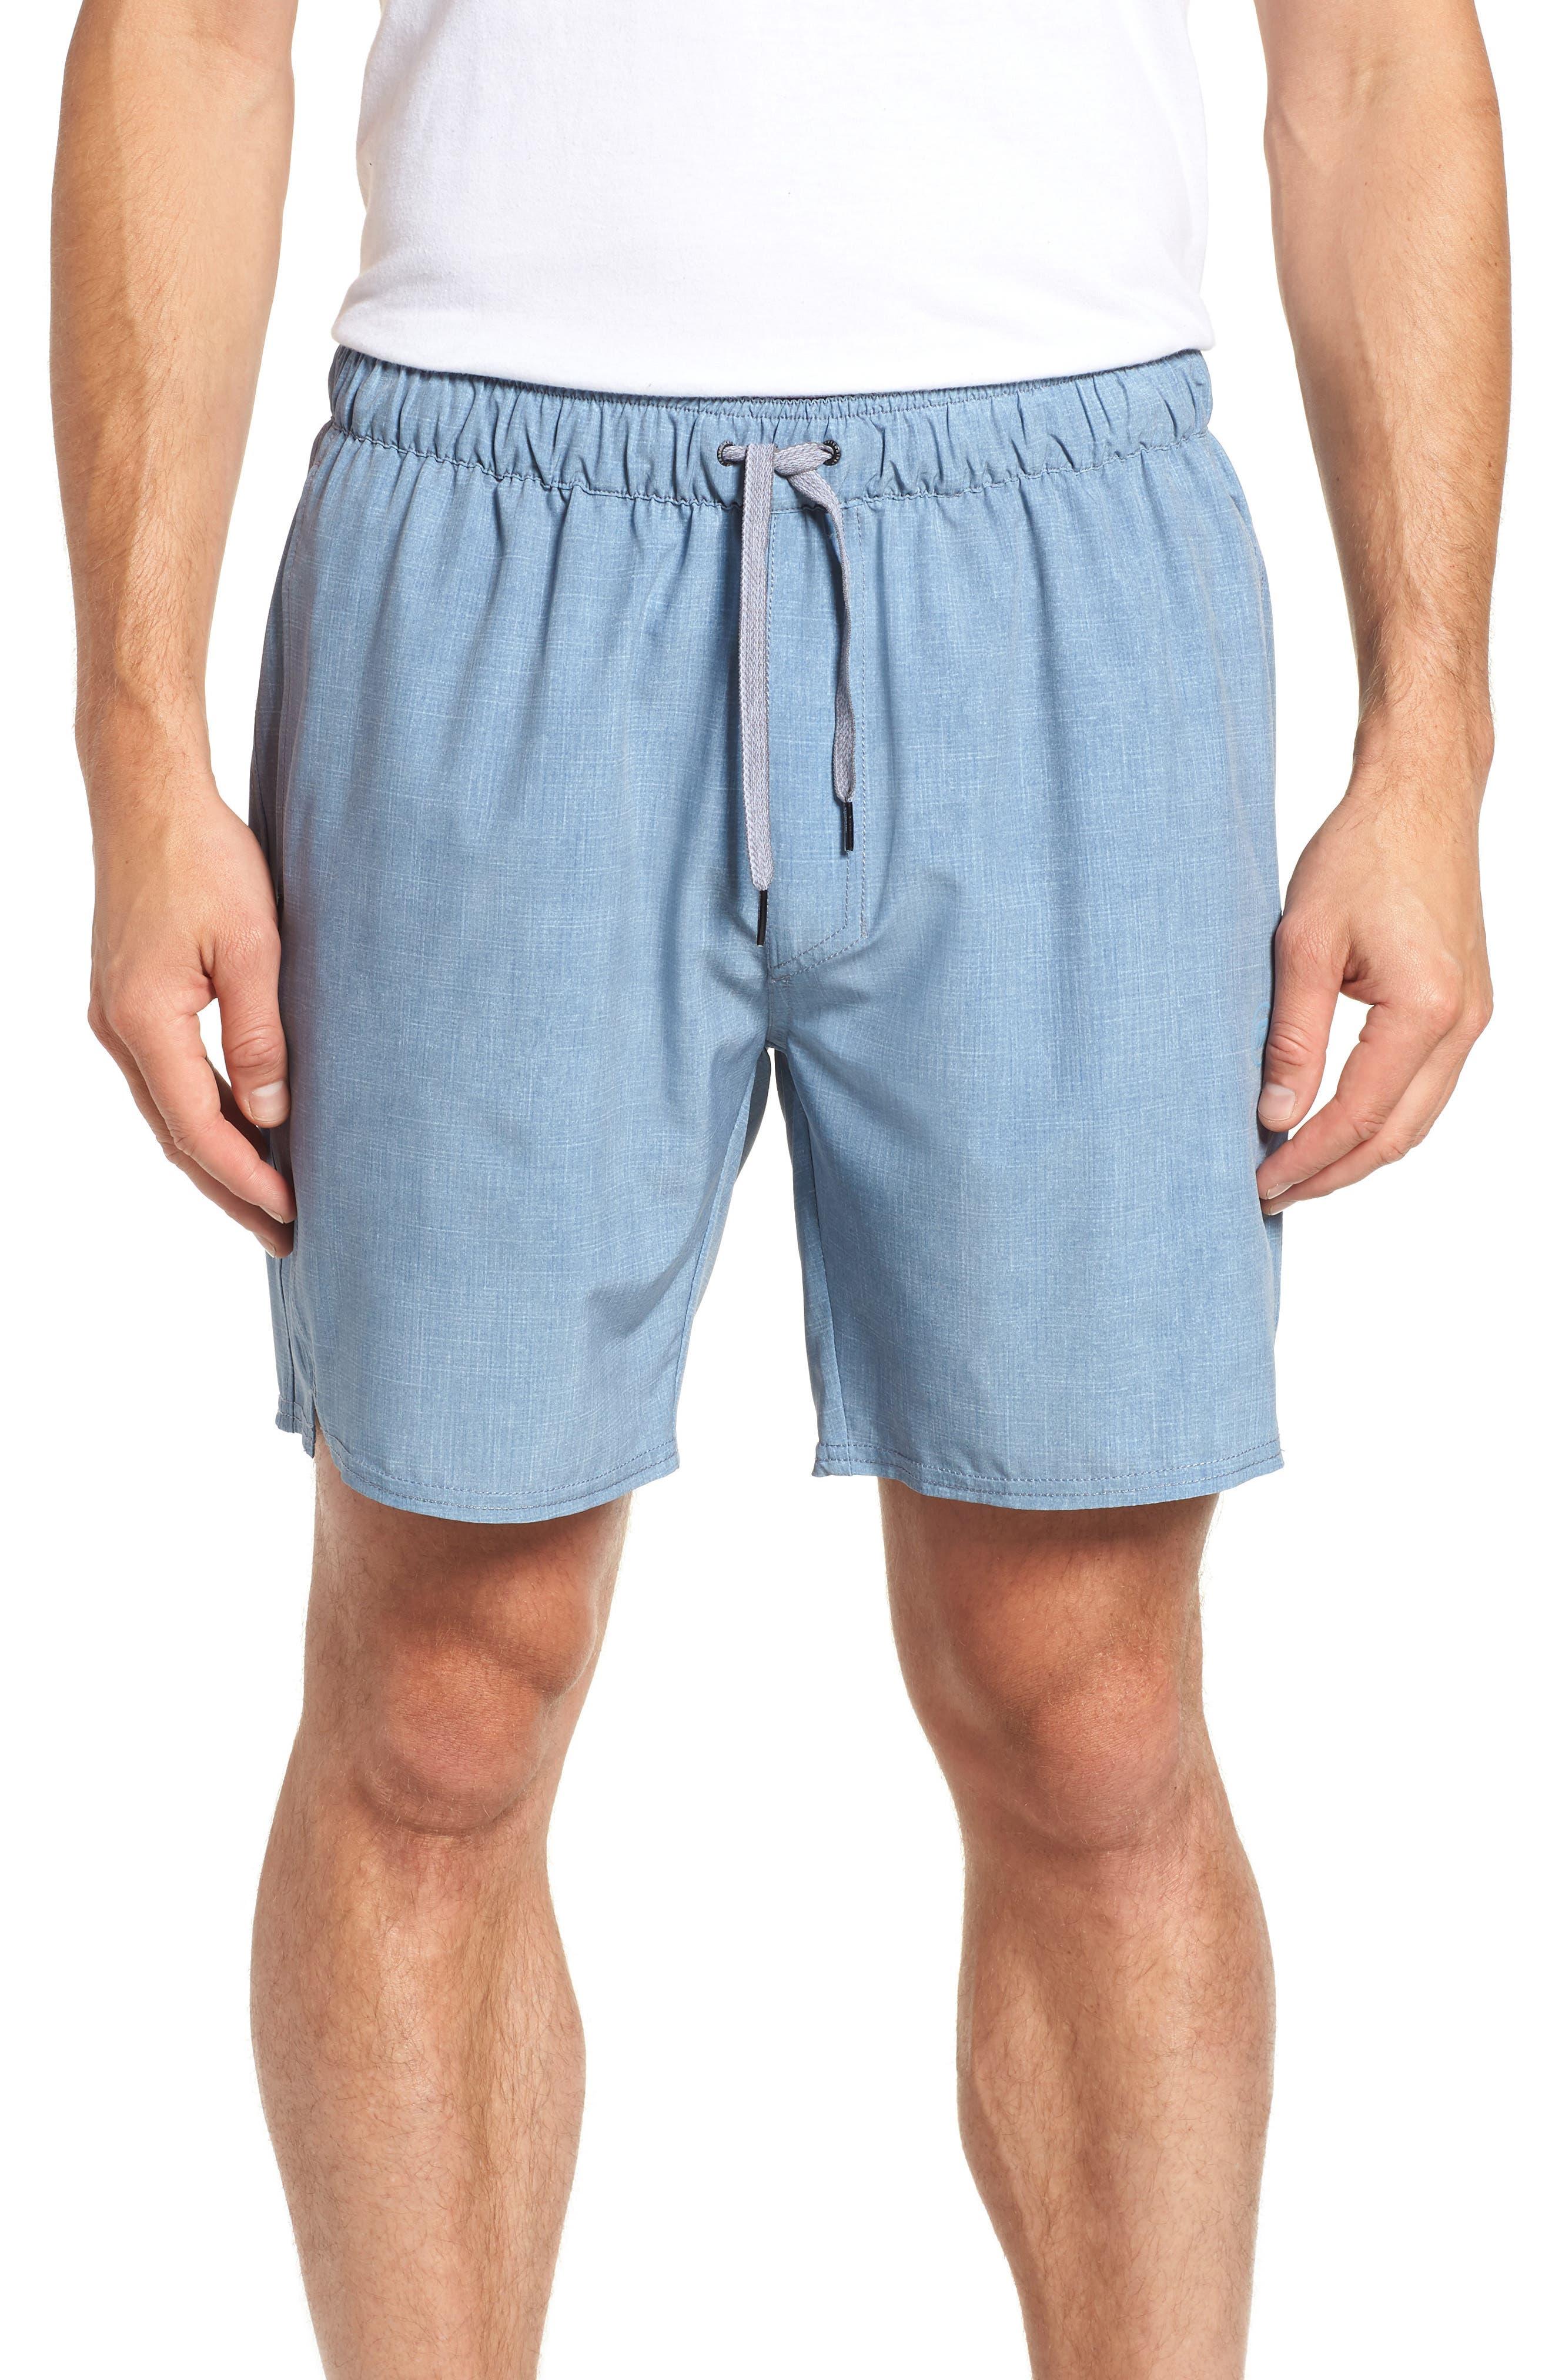 Digits Shorts,                             Main thumbnail 1, color,                             020